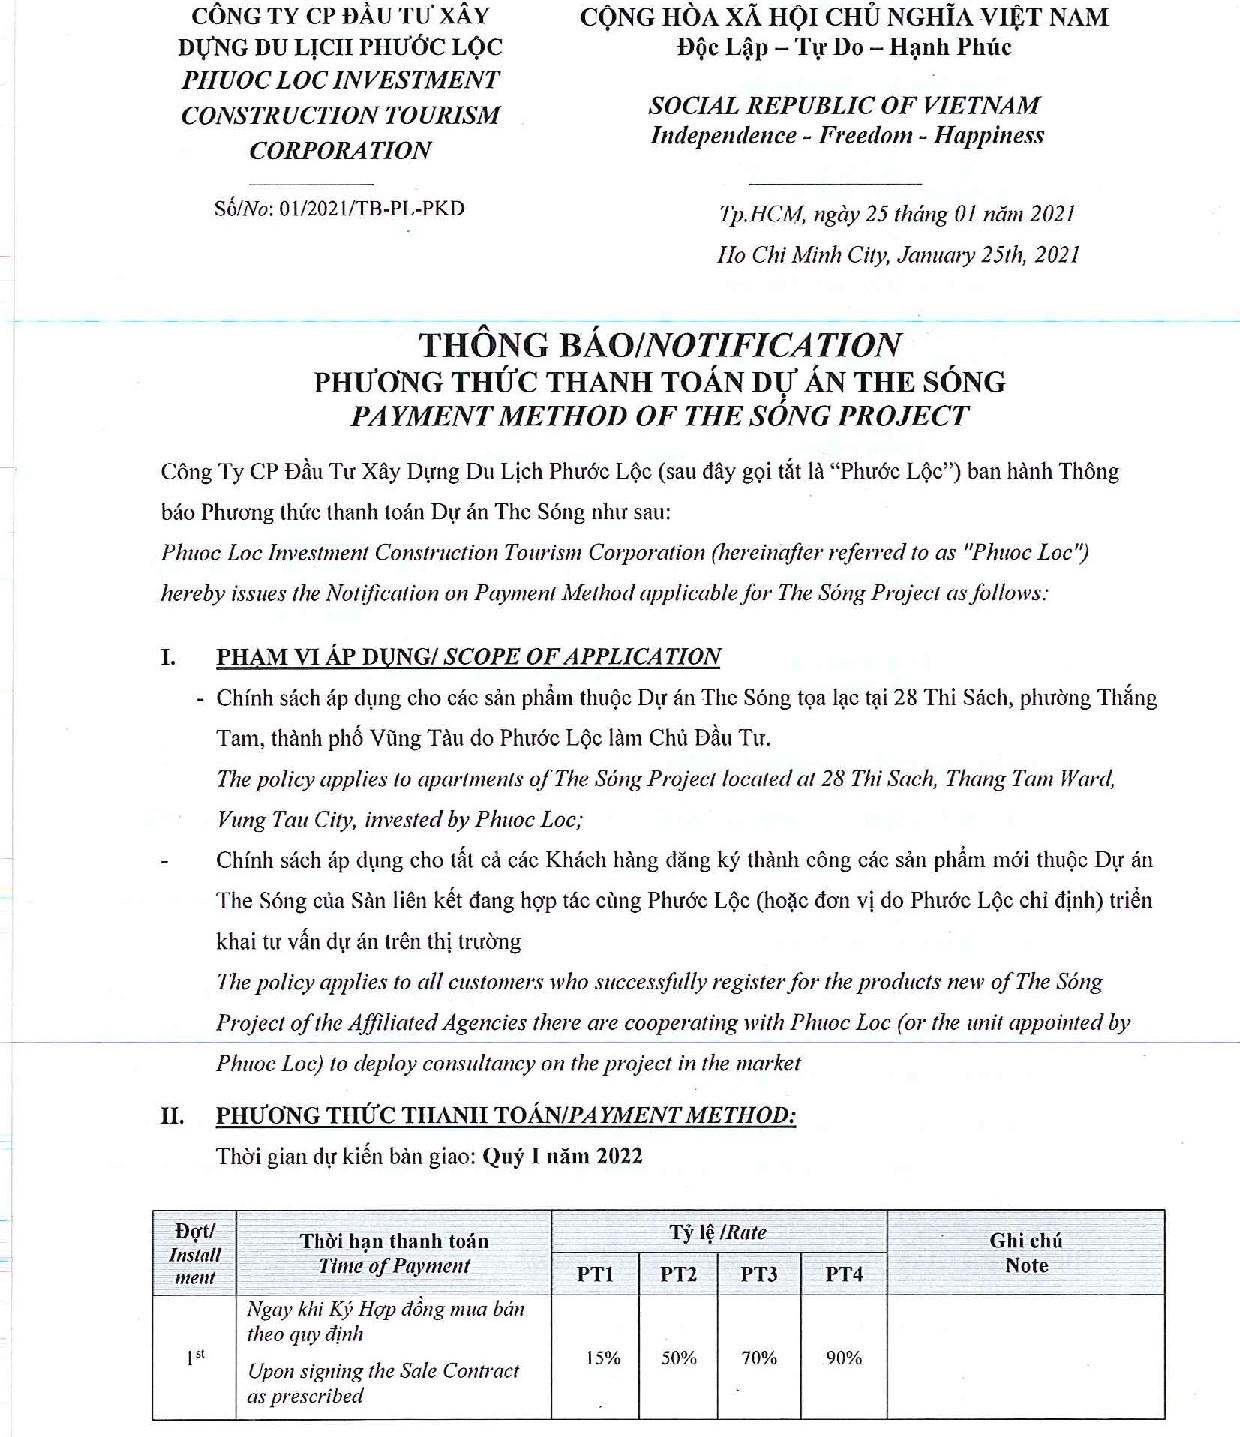 Phương thức thanh toán  The Sóng Vũng Tàu - Áp dụng từ 02.2021-30.06.2021